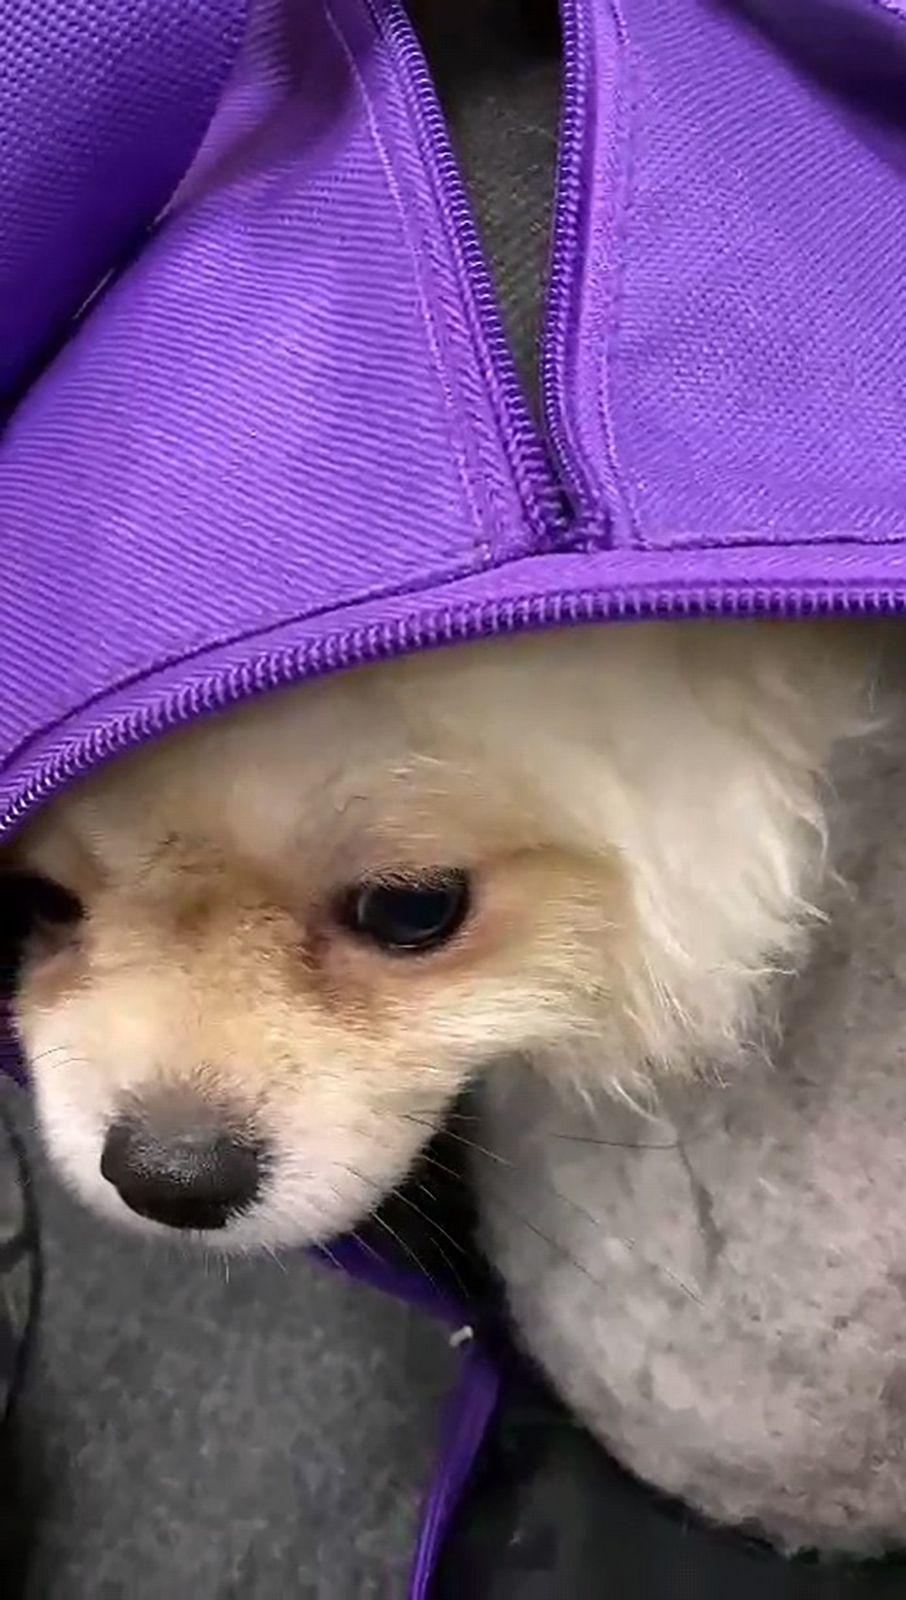 Überraschung am Flughafen: Kleine Hunde in einer Sporttasche